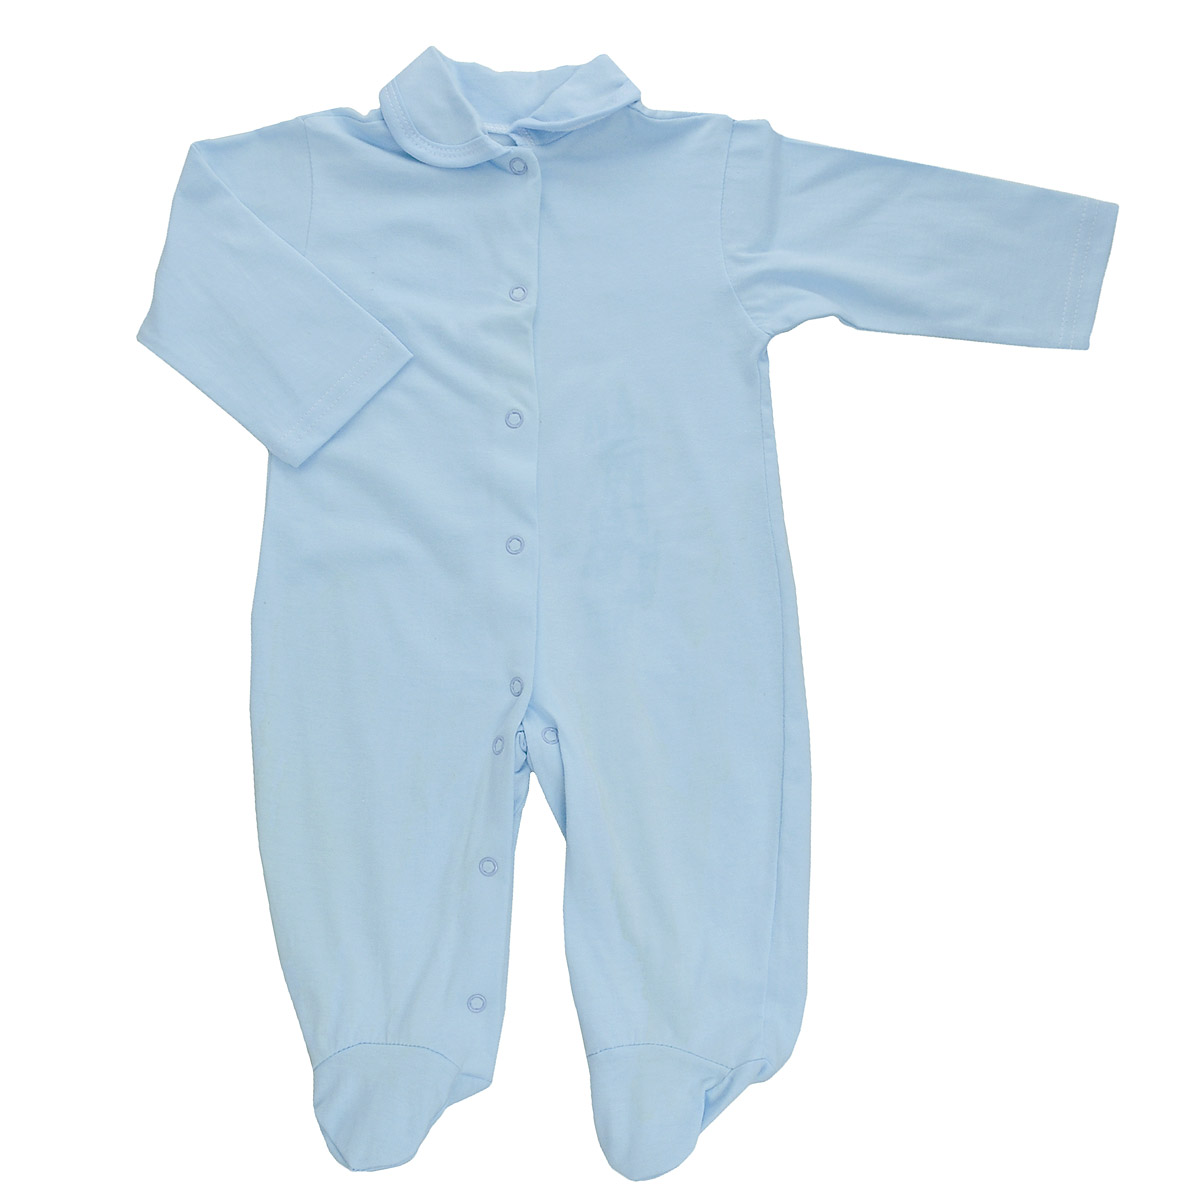 Комбинезон детский Трон-Плюс, цвет: голубой. 5805. Размер 62, 3 месяца5805Детский комбинезон Трон-Плюс - очень удобный и практичный вид одежды для малышей. Комбинезон выполнен из кулирного полотна - натурального хлопка, благодаря чему он необычайно мягкий и приятный на ощупь, не раздражает нежную кожу ребенка, и хорошо вентилируются, а эластичные швы приятны телу малыша и не препятствуют его движениям. Комбинезон с длинными рукавами, закрытыми ножками и отложным воротничком имеет застежки-кнопки от горловины до щиколоток, которые помогают легко переодеть младенца или сменить подгузник. С детским комбинезоном спинка и ножки вашего малыша всегда будут в тепле, он идеален для использования днем и незаменим ночью. Комбинезон полностью соответствует особенностям жизни младенца в ранний период, не стесняя и не ограничивая его в движениях!